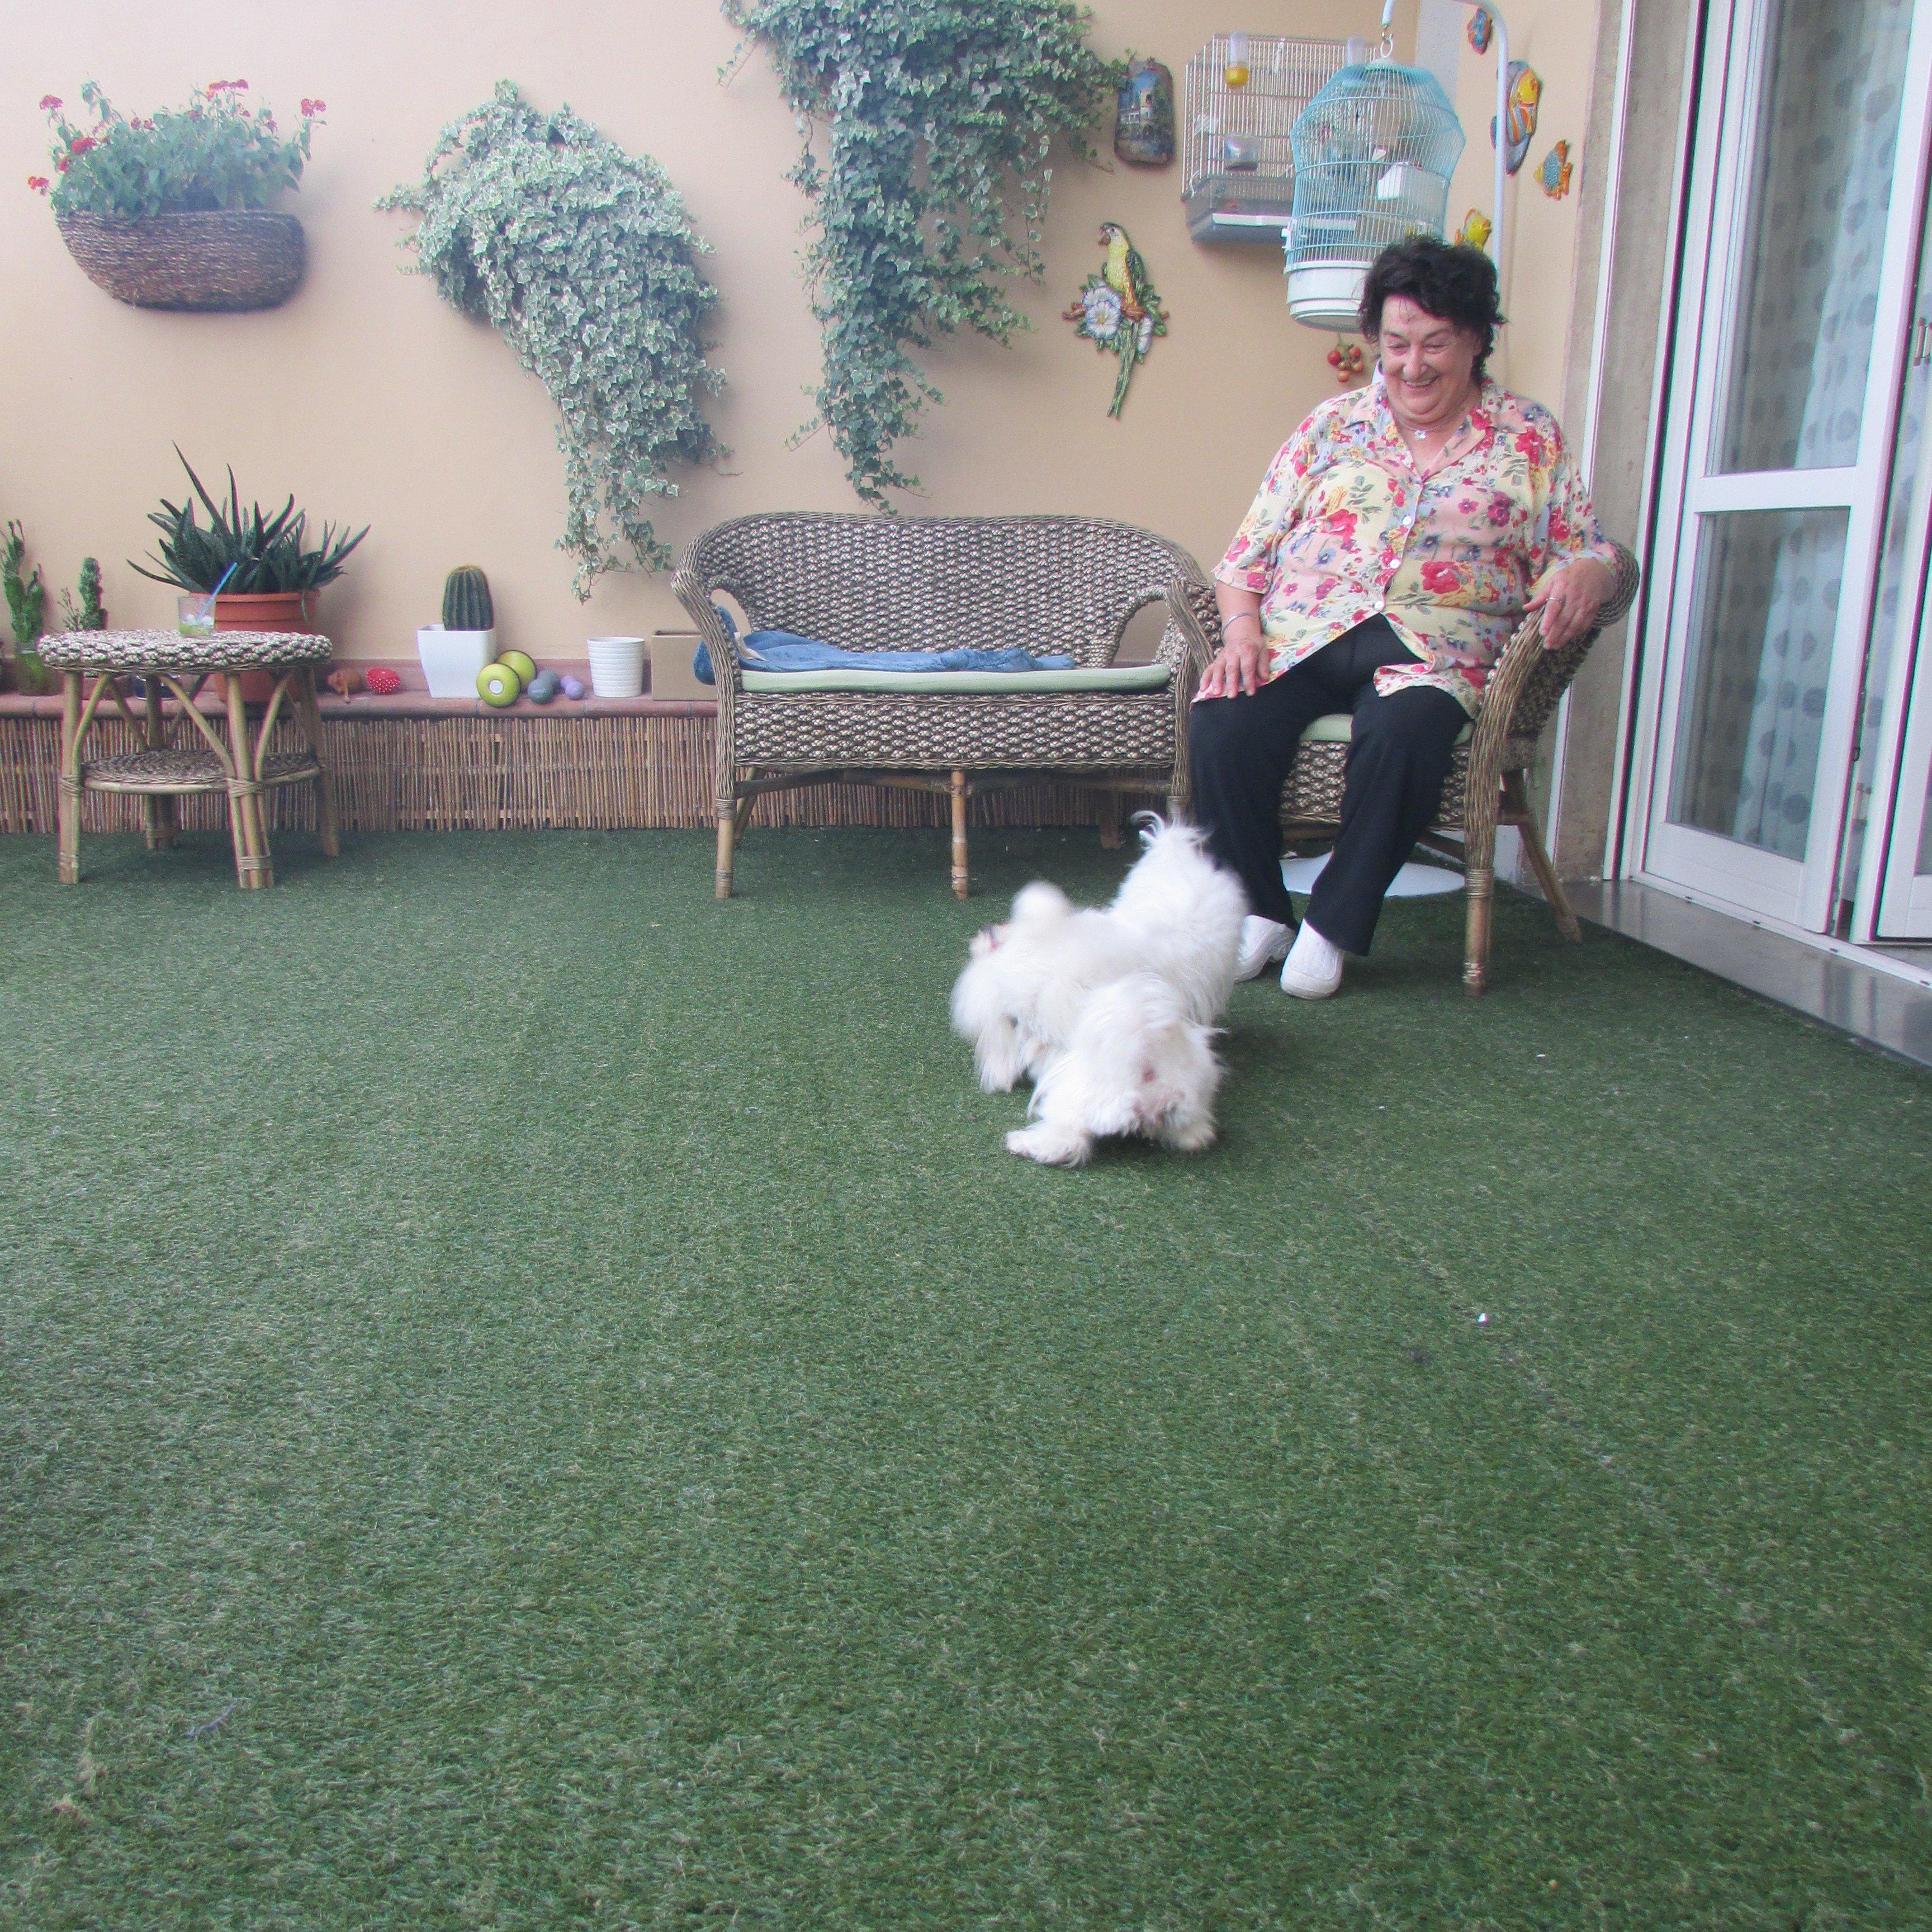 donna anziana che gioca con il cane